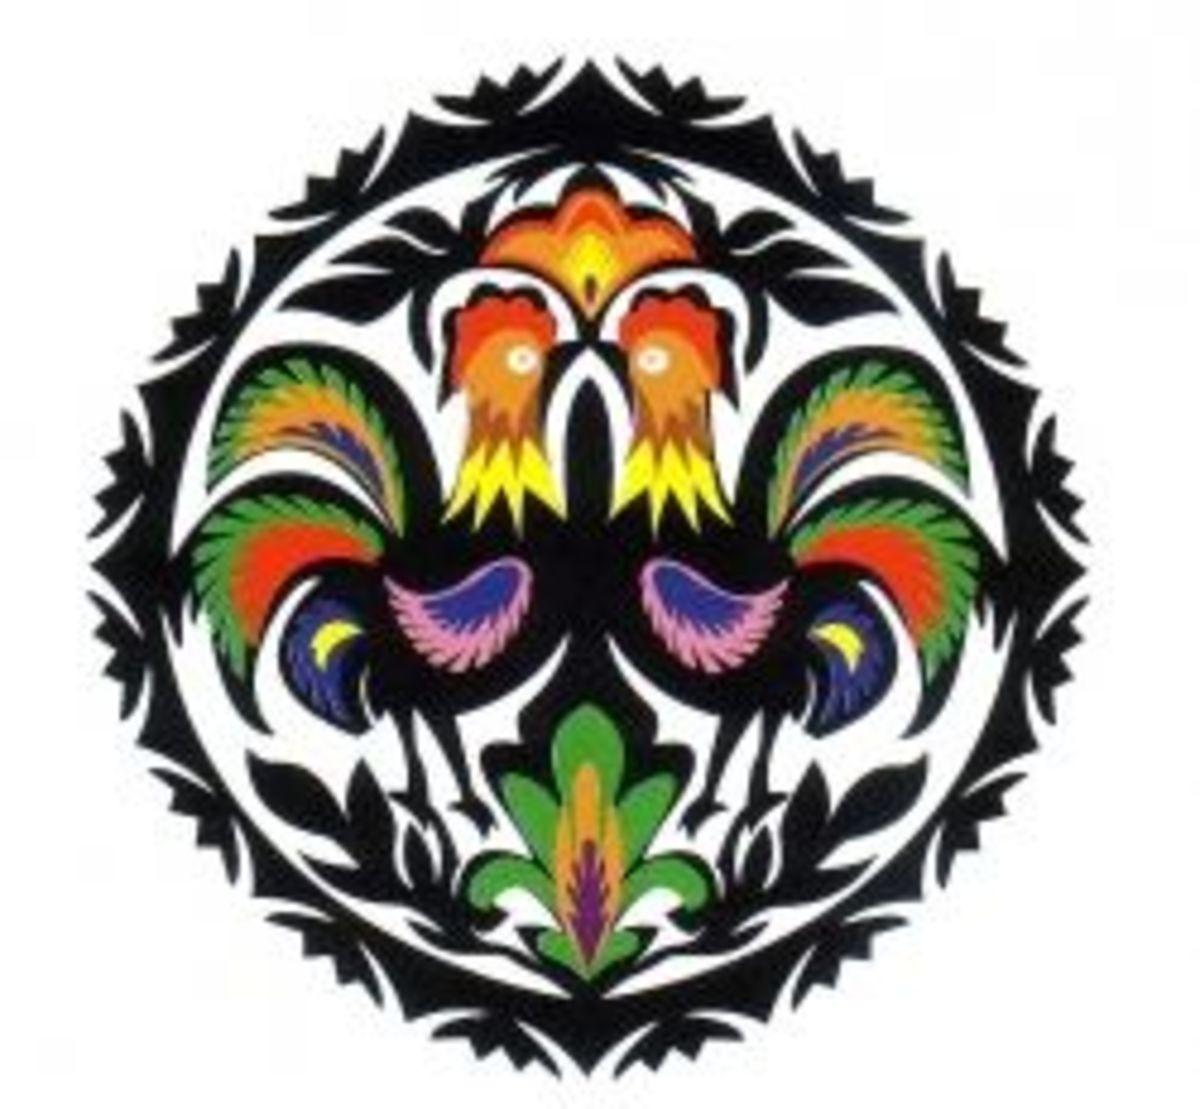 Multicolored Gwiazda Design with 2 Repeats